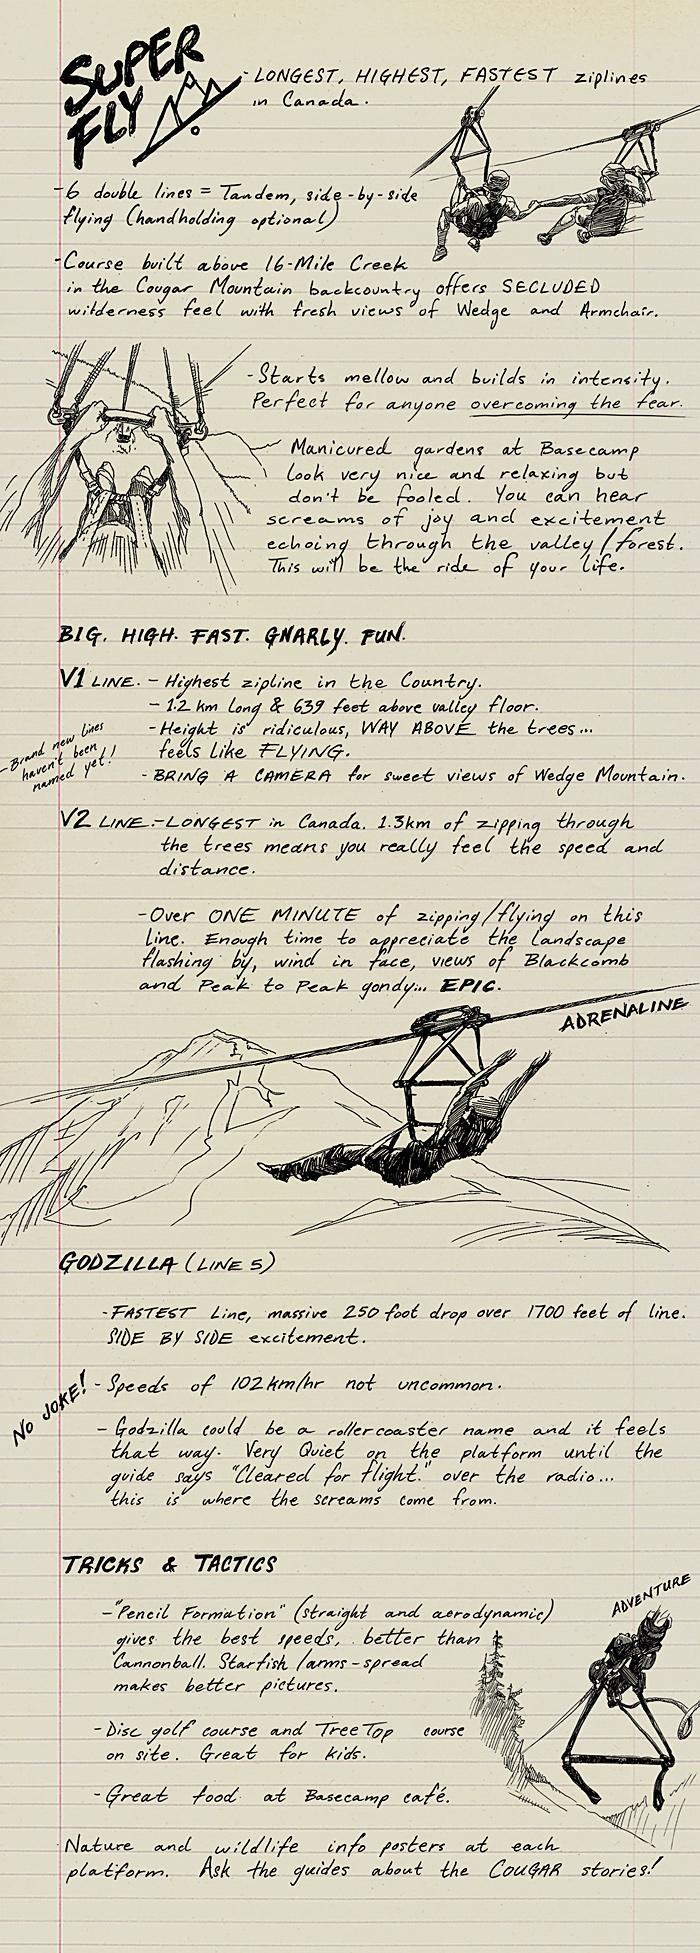 Whistler-zipline-superfly